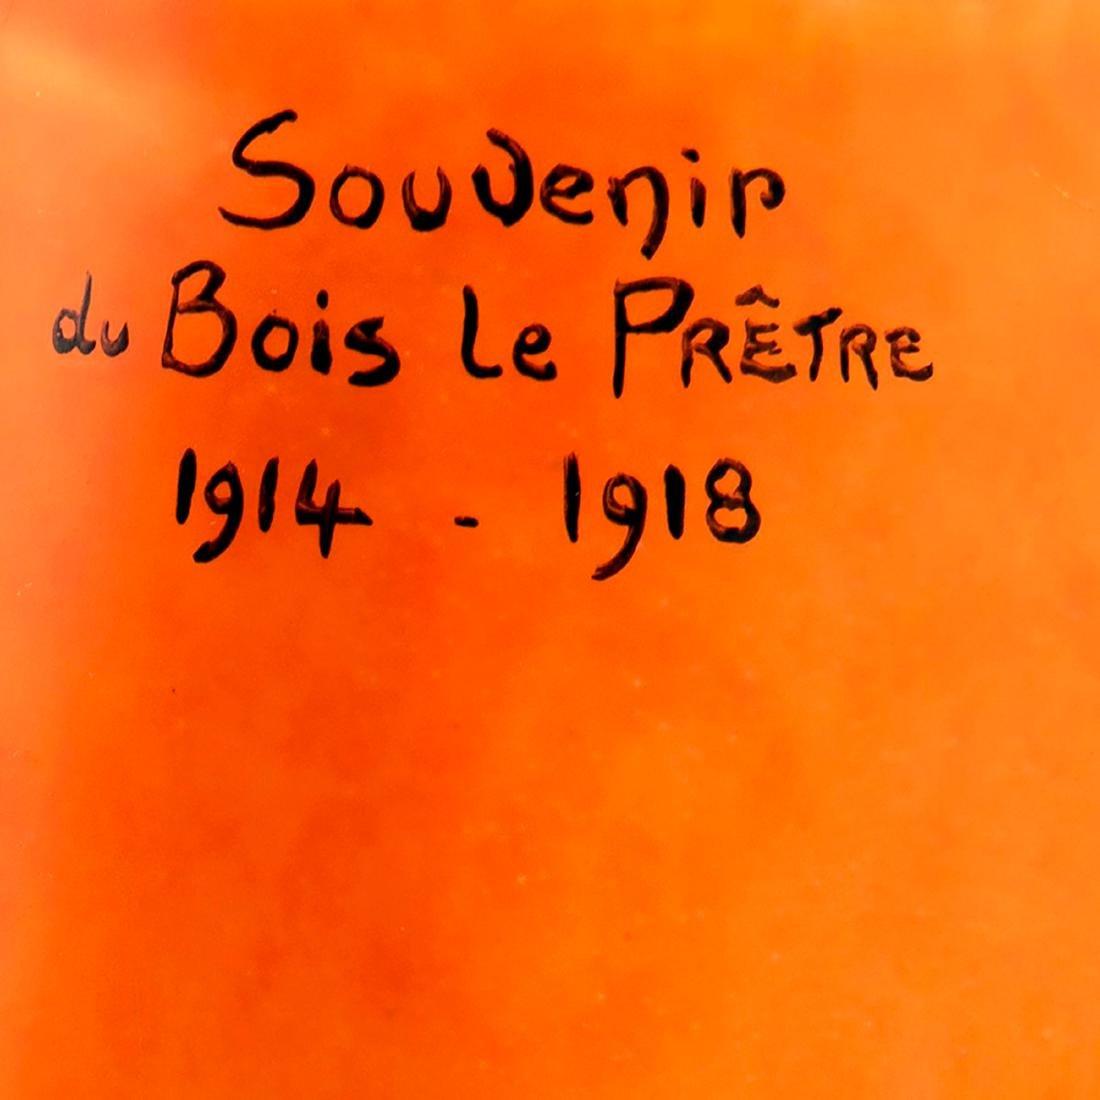 'Souvenir de Bois-le-Prêtre' vase, 1918 - 2